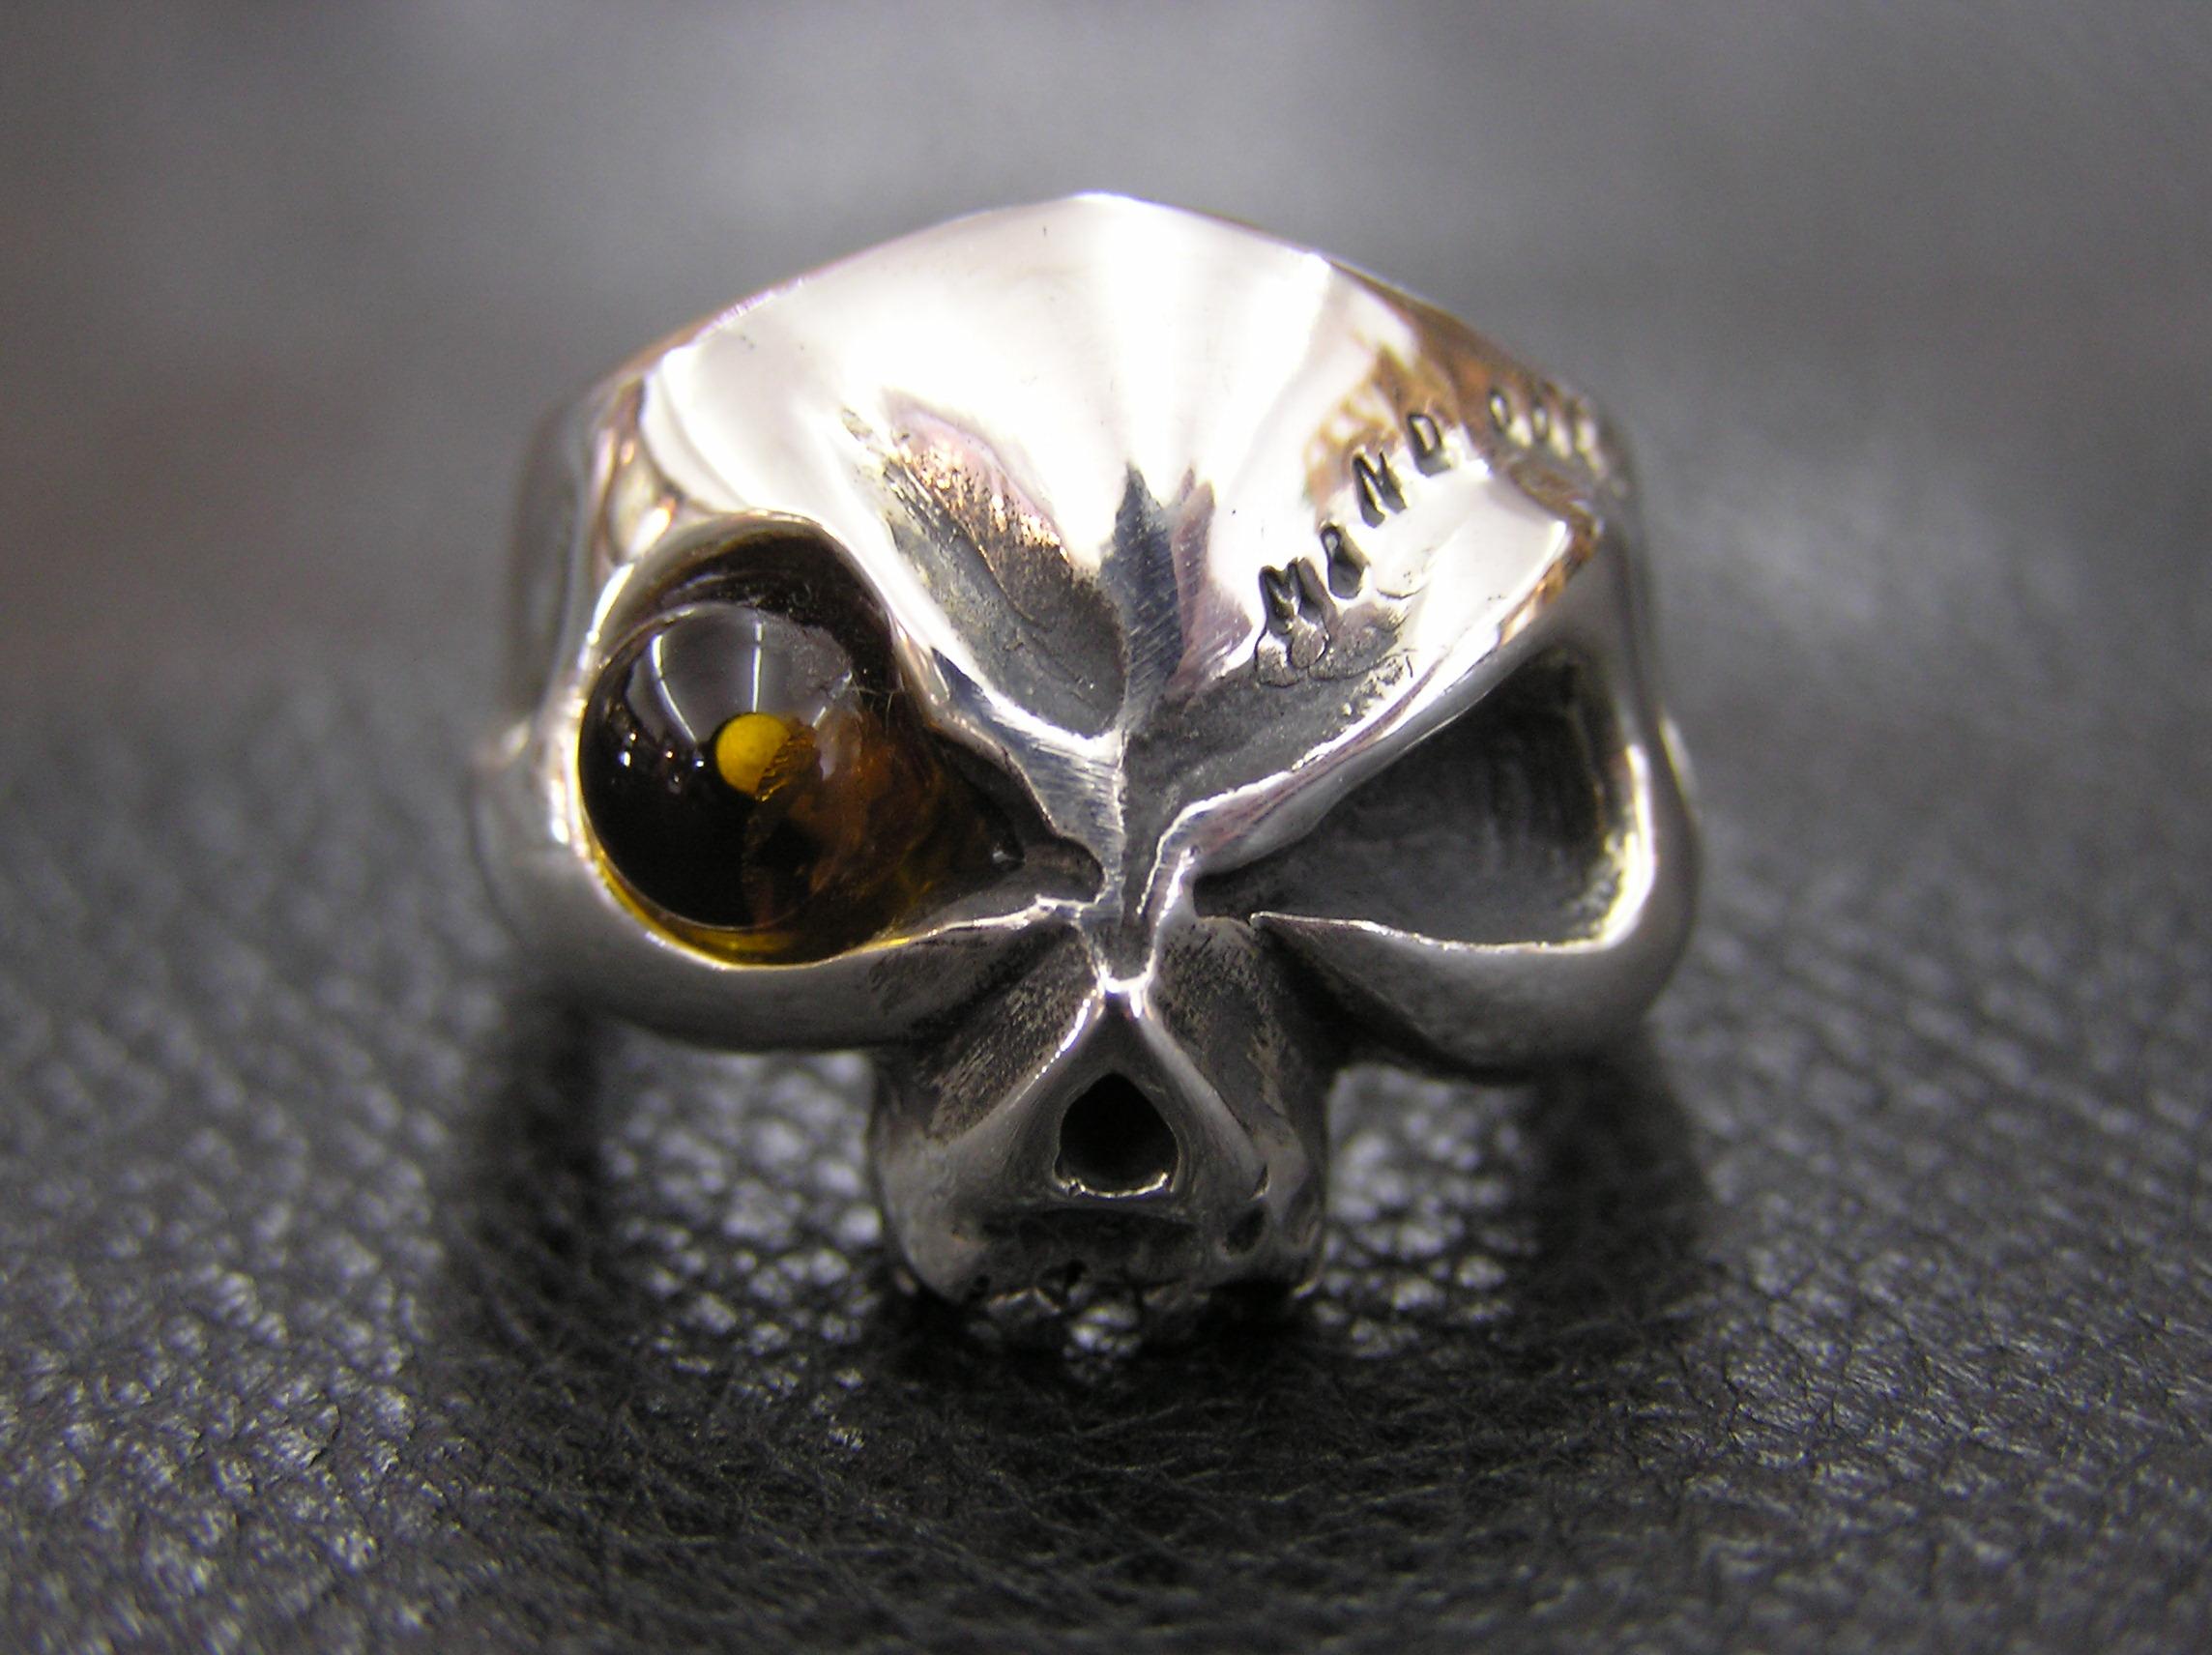 琥珀スカルリング ~Amber skull~